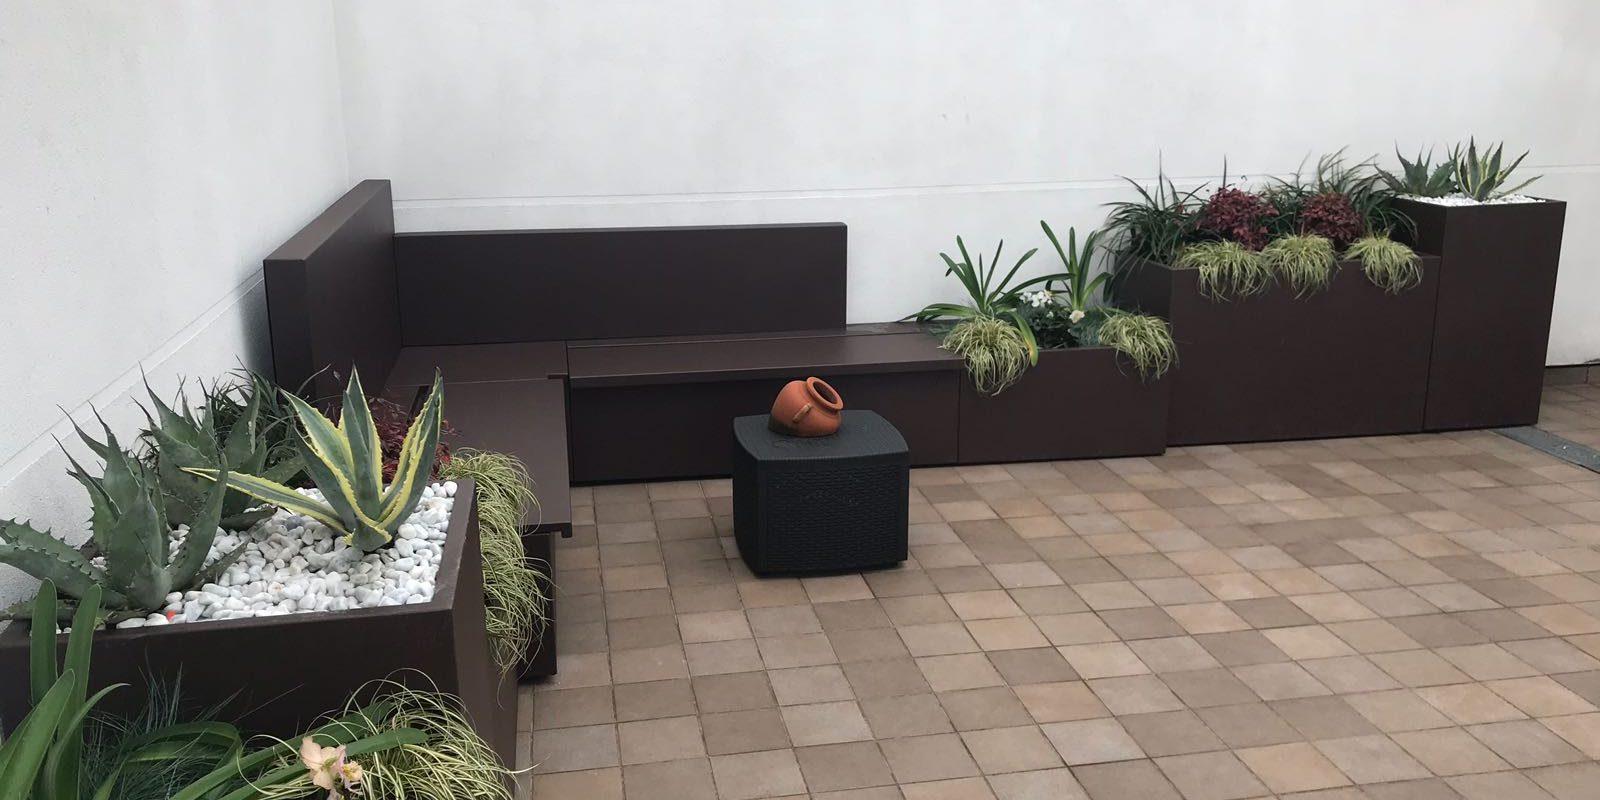 Vasi Per Piante Da Terrazzo vasi per piante da esterno - martin design